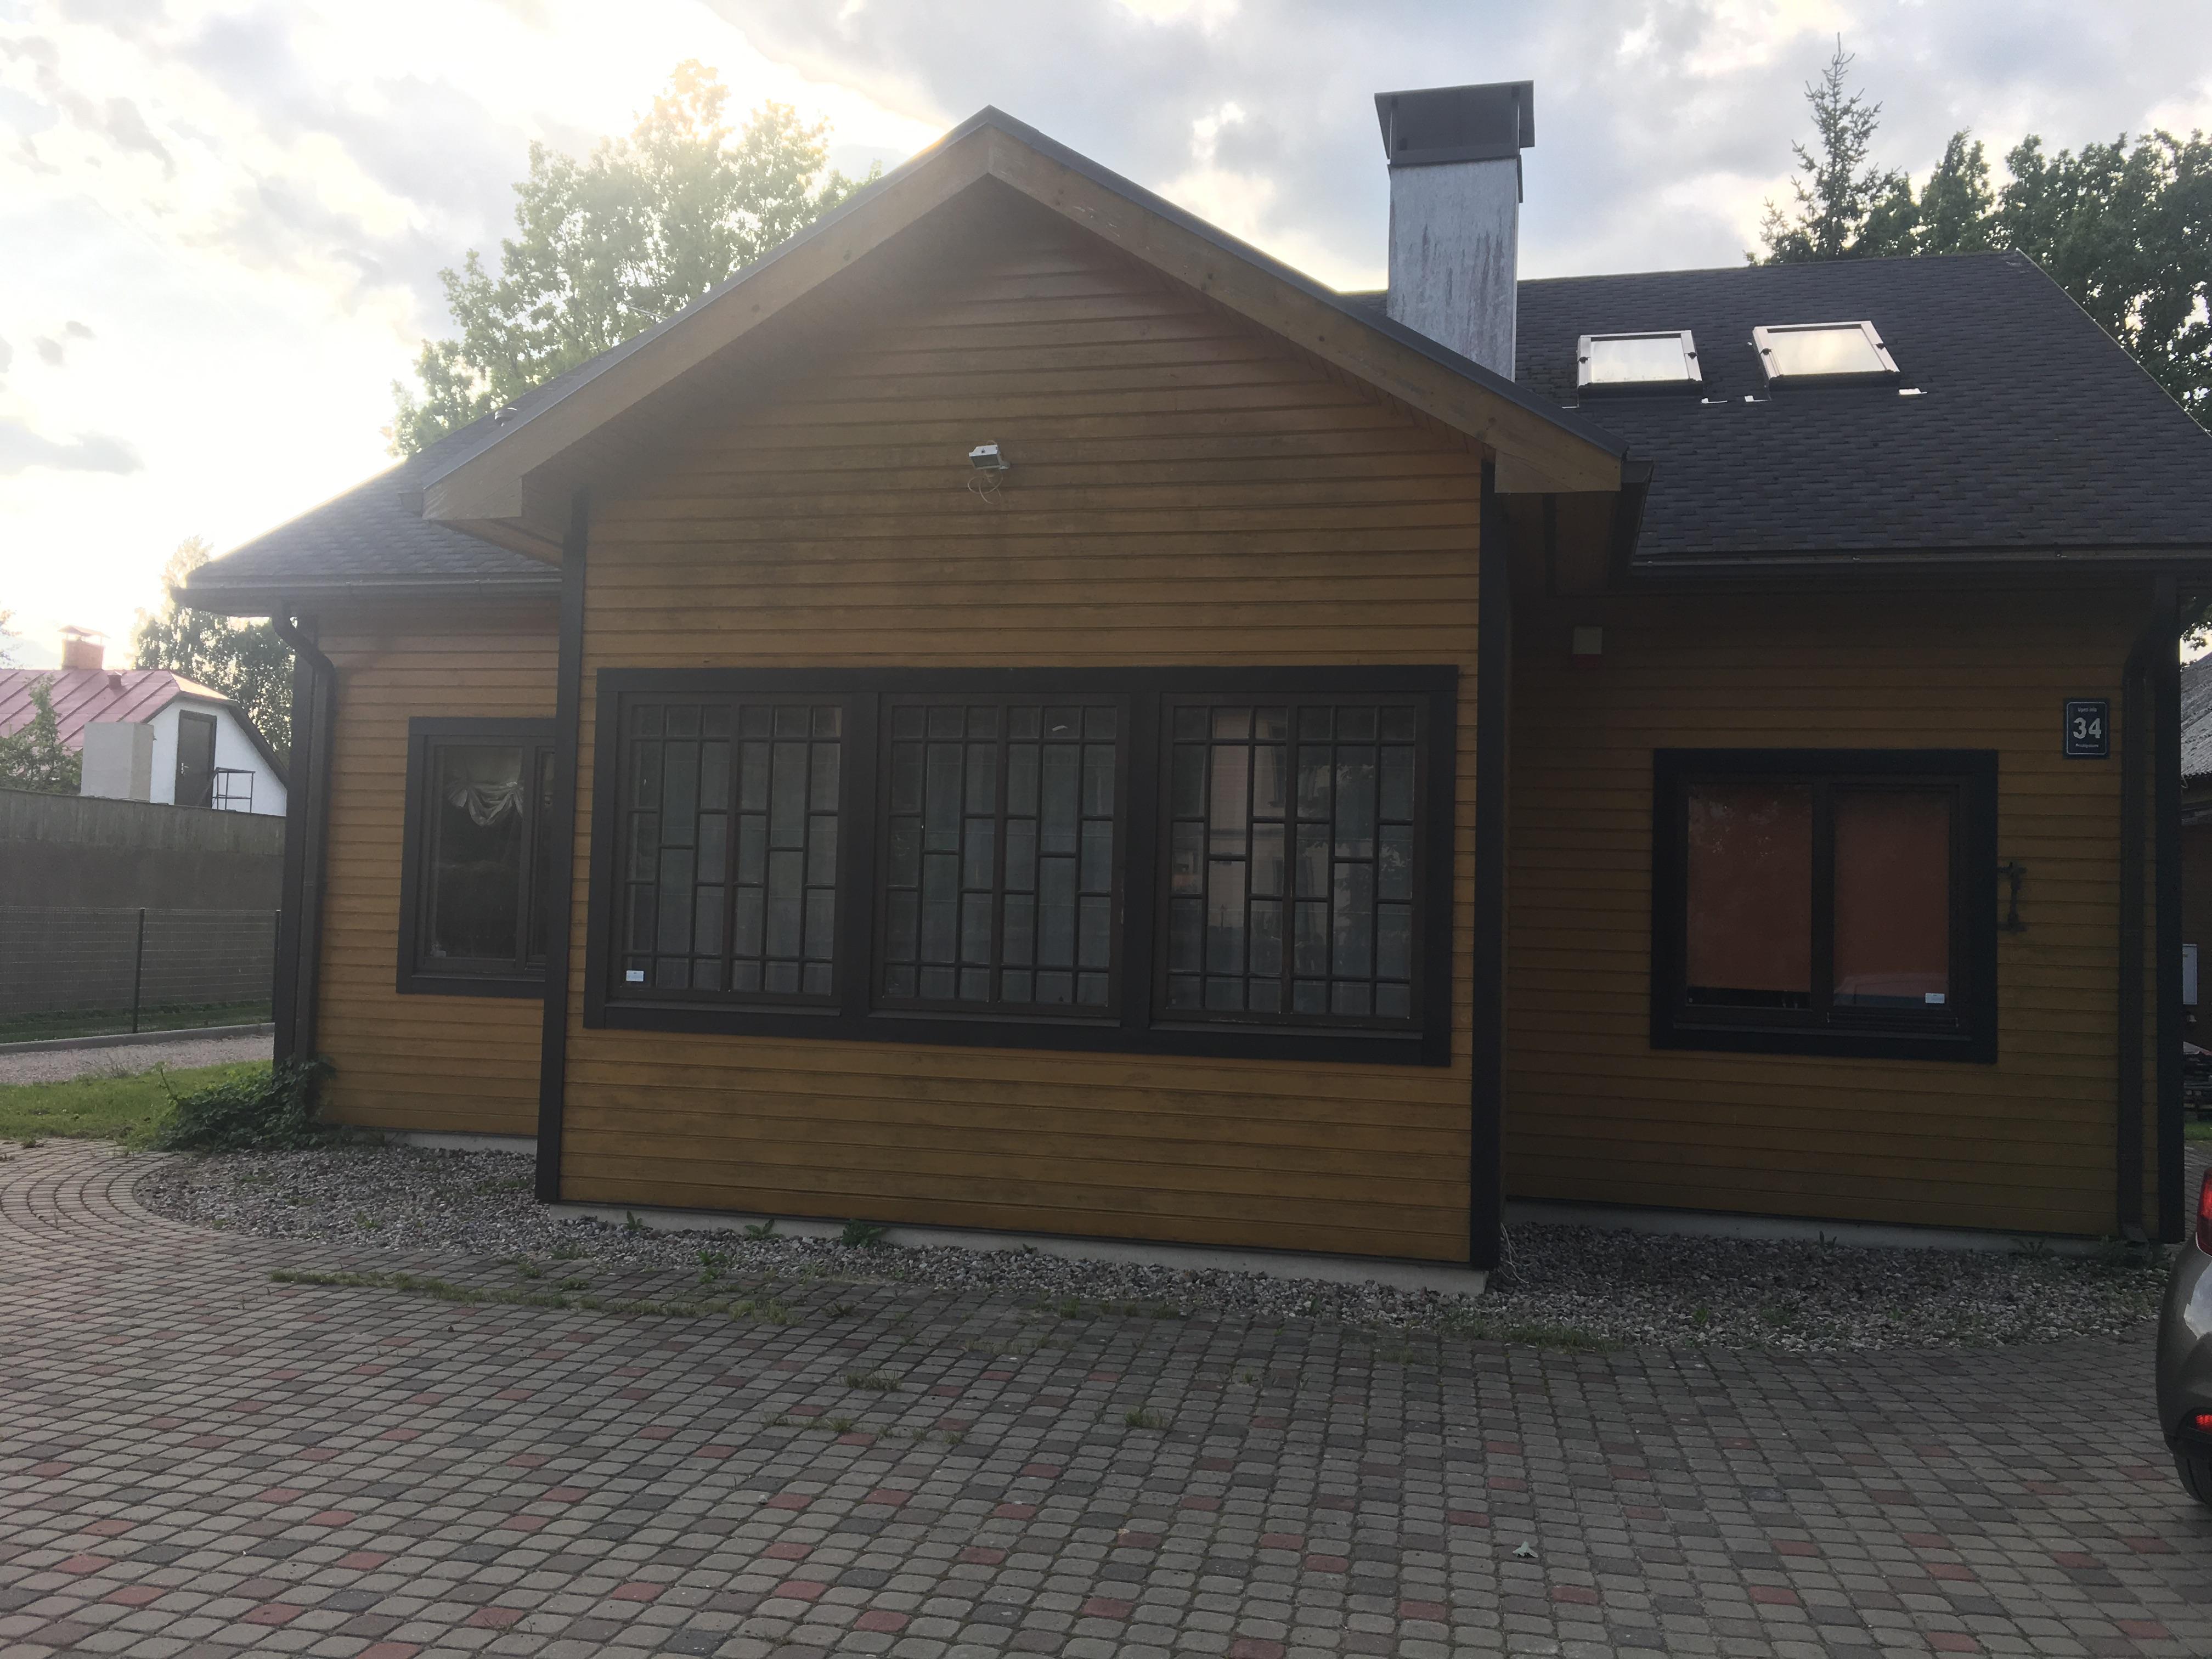 Pārdod māju, Upes iela - Attēls 1